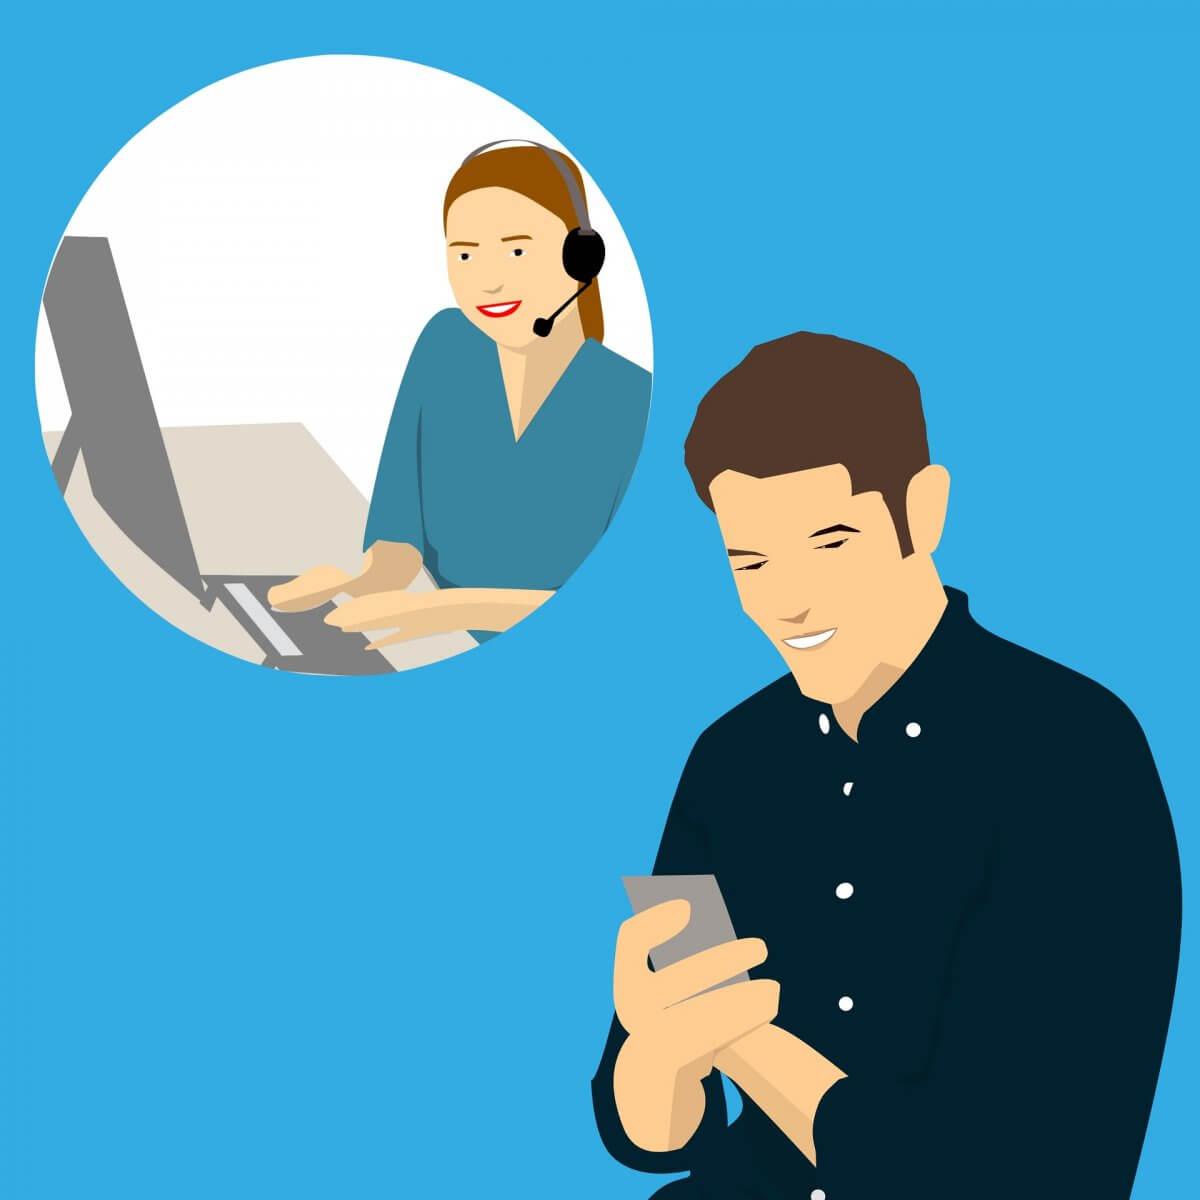 Obraz przedstawia mężczyznę i kobietę kontaktujących się ze sobą telefonicznie